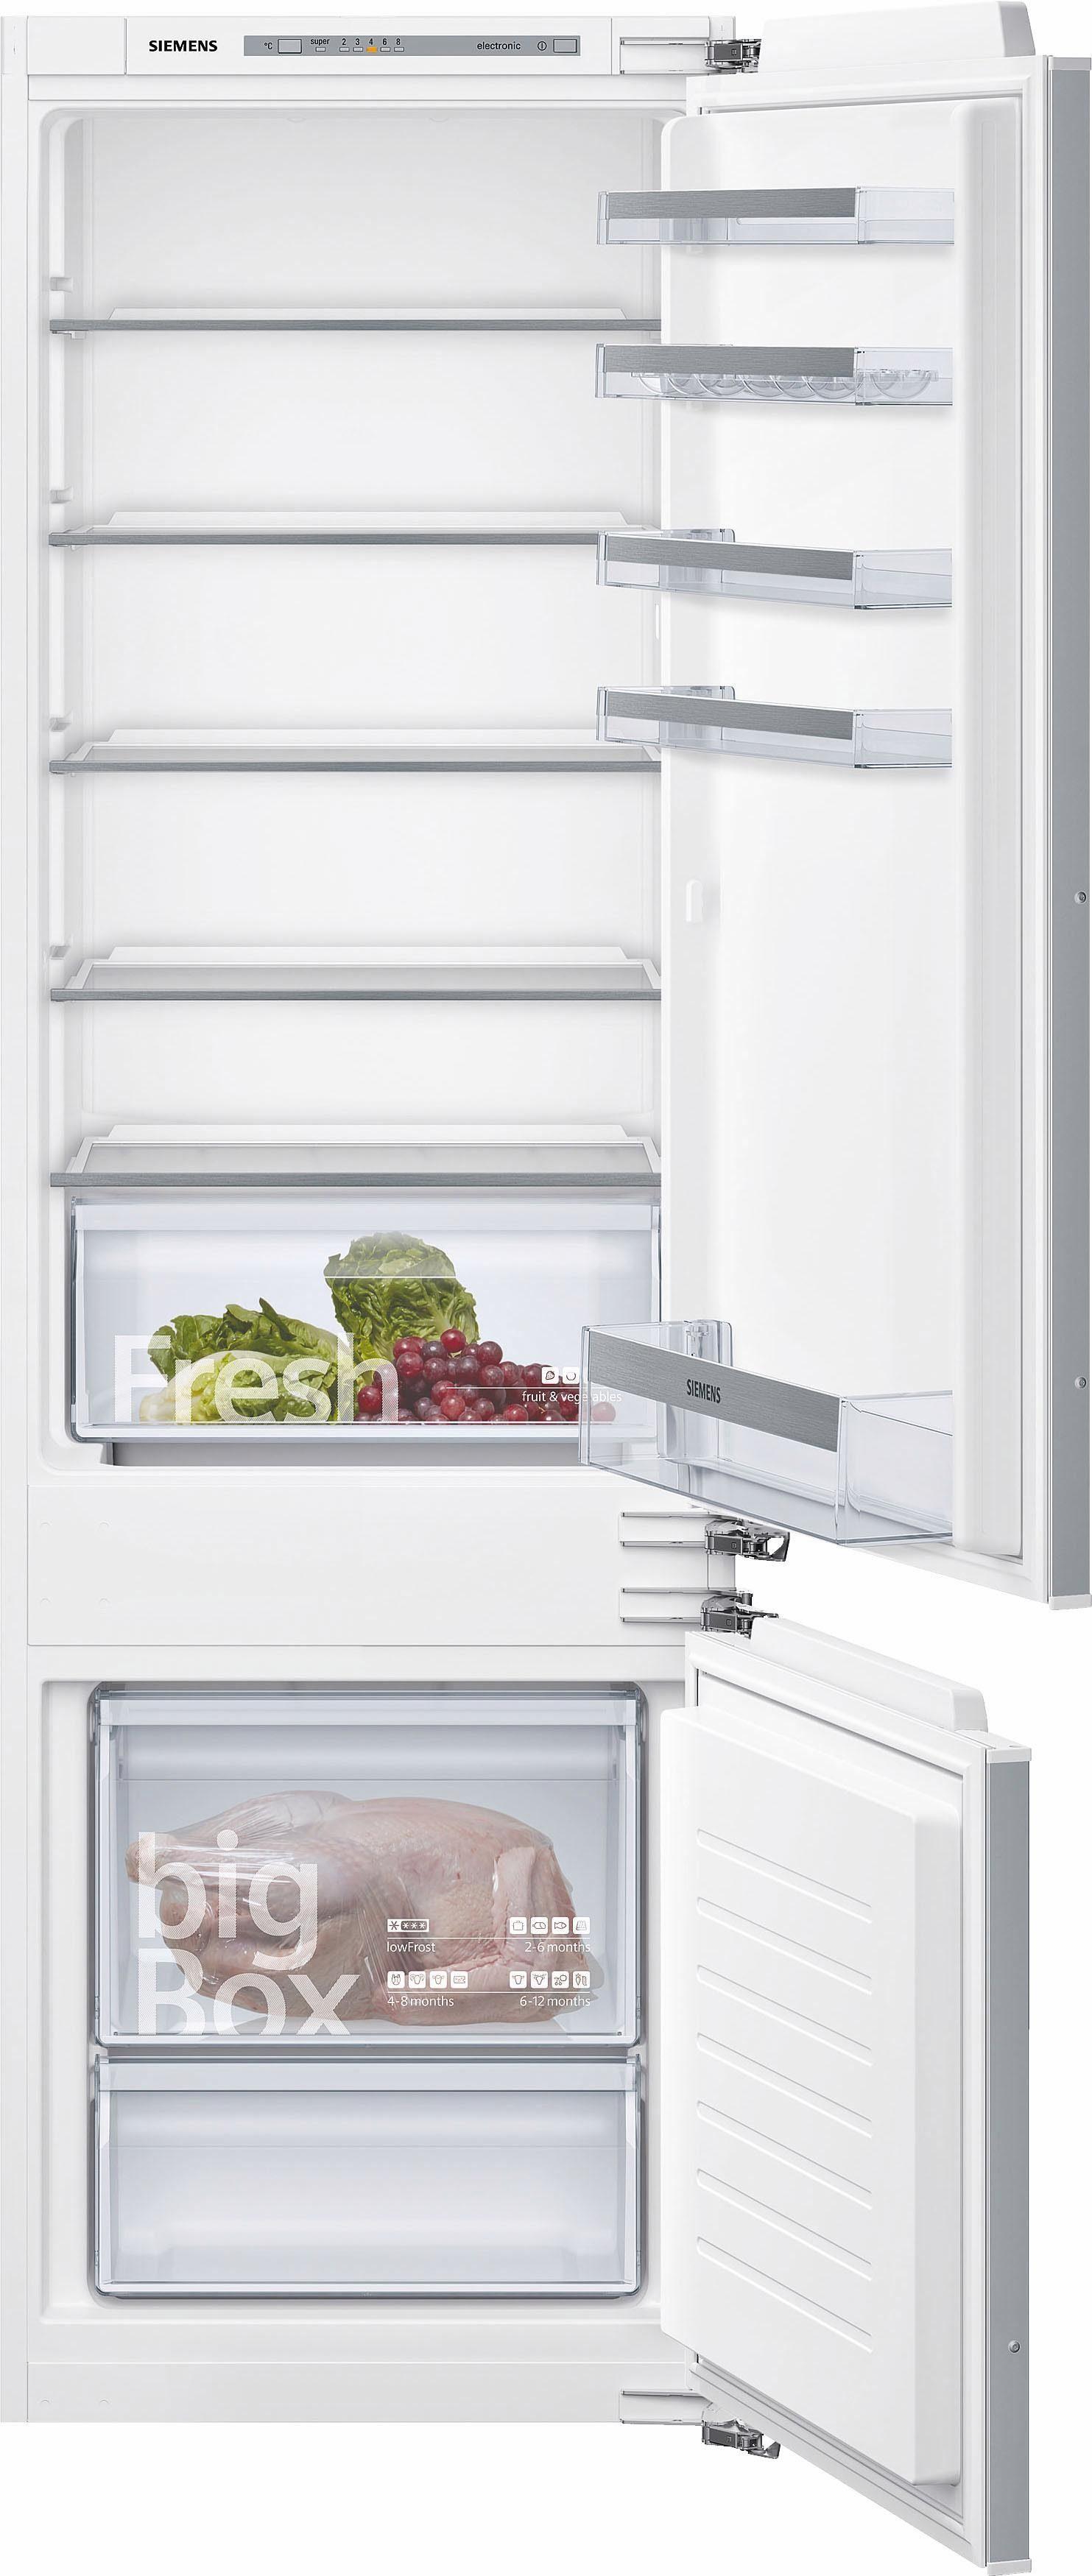 SIEMENS Einbaukühlschrank KI87VVF30, 177,2 cm hoch, 54,5 cm breit, Energieeffizienzklasse: A++, 177,2 cm hoch